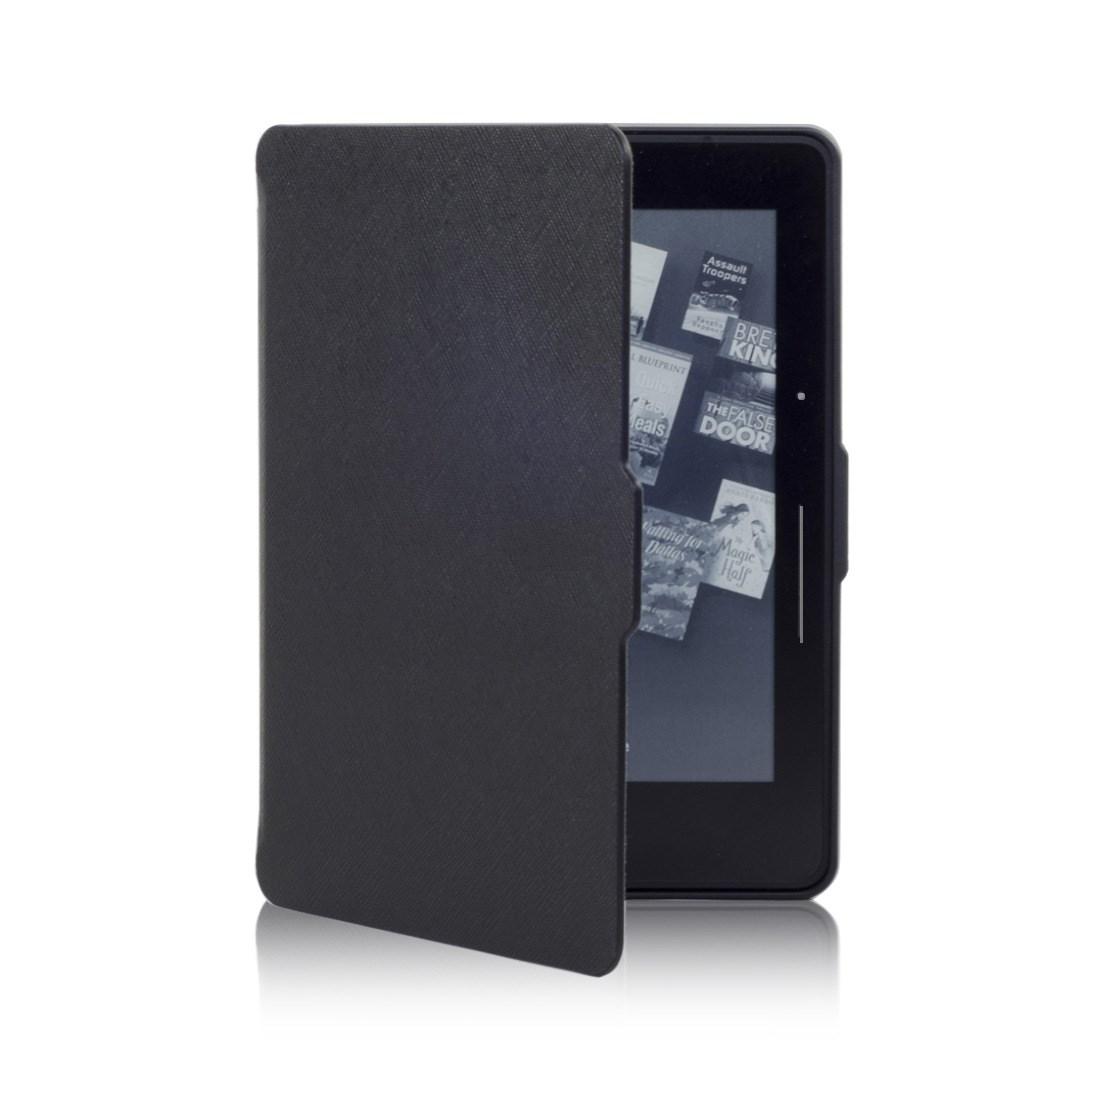 厂家直销电子书皮套亚马逊kindle voyage保护套kindle1499保护61.20元包邮